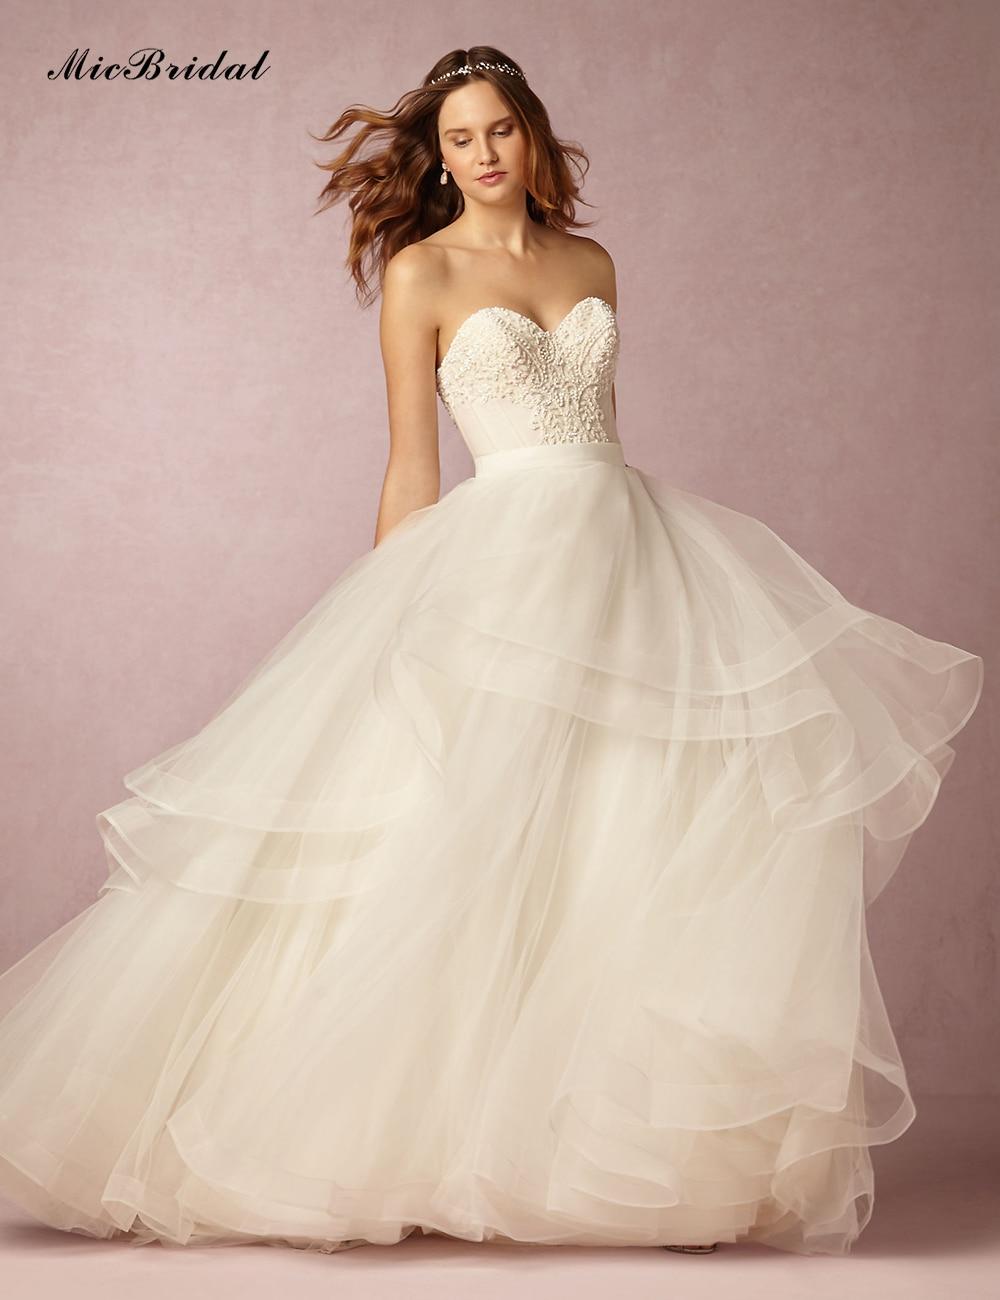 achetez en gros champagne robes de mari e en ligne des grossistes champagne robes de mari e. Black Bedroom Furniture Sets. Home Design Ideas